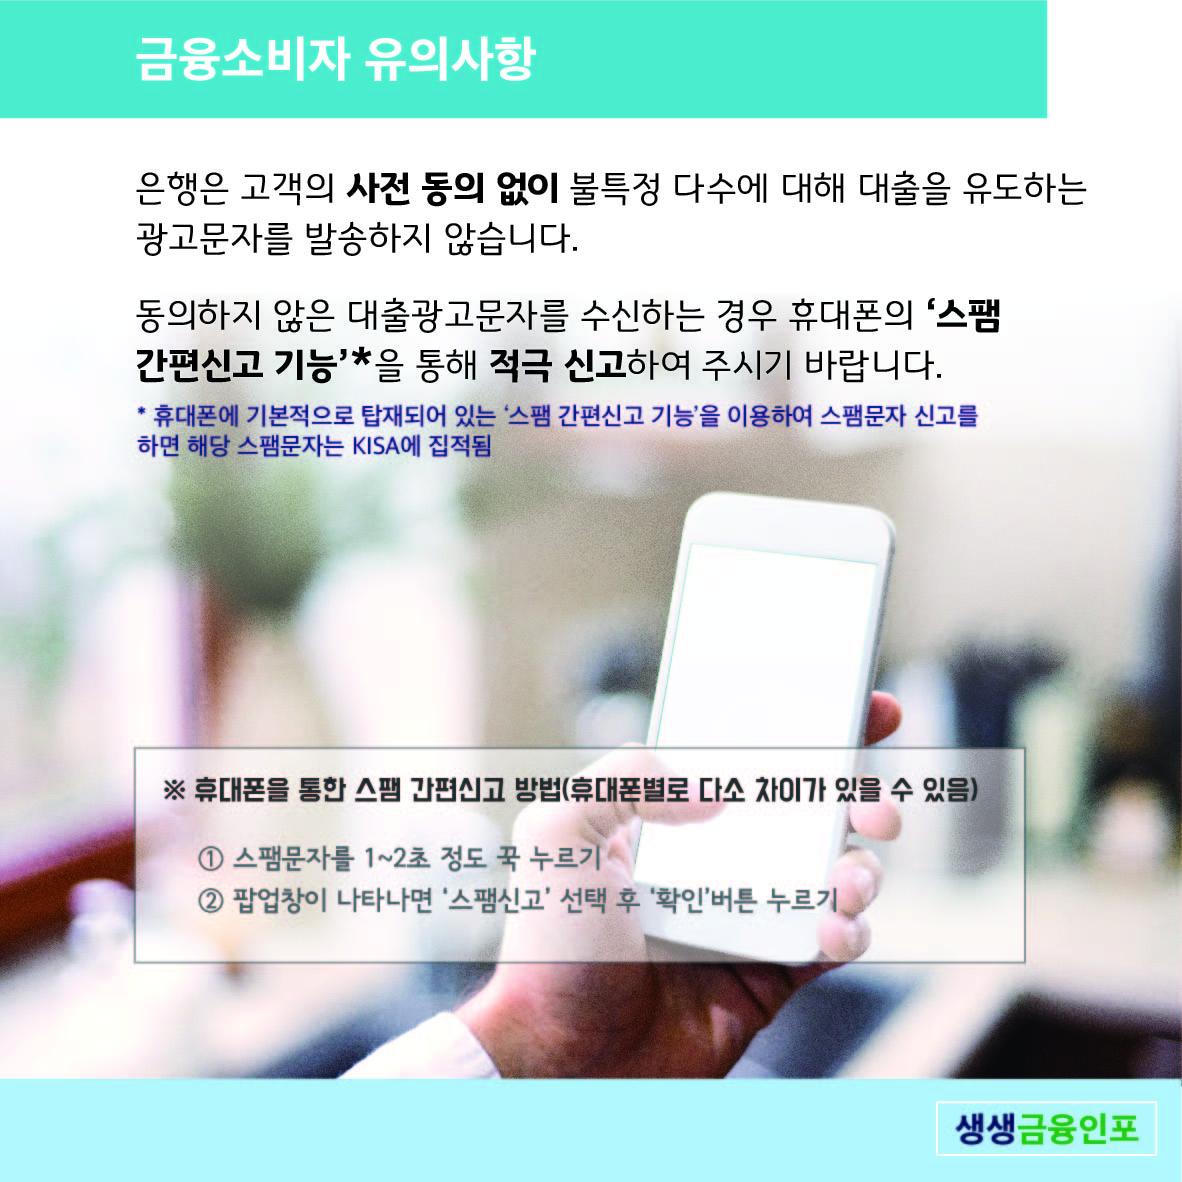 은행은 고객의 사전 동의 없이 불특정 다수에 대출을 유도하는 광고문자를 발송하지 않습니다. 동의하지 않은 대출광고문자를 수신하는 경우 휴대폰의 ;스팸 간편신고 기능'을 통해 적극 신고하여 주시기 바랍니다.